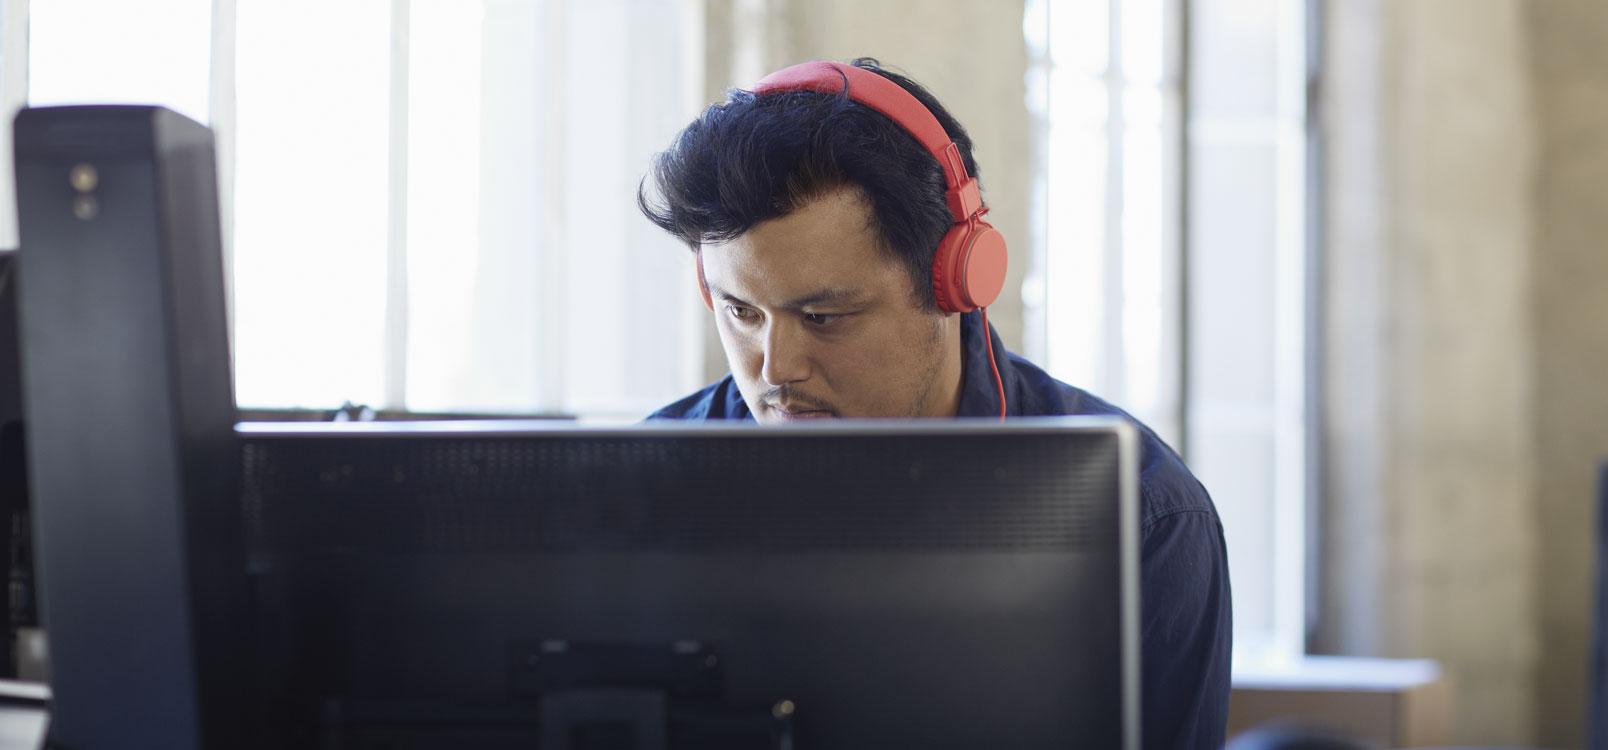 헤드폰을 착용하고 데스크톱 PC에서 작업하면서 Office 365를 사용하여 IT를 간소화하고 있는 남성